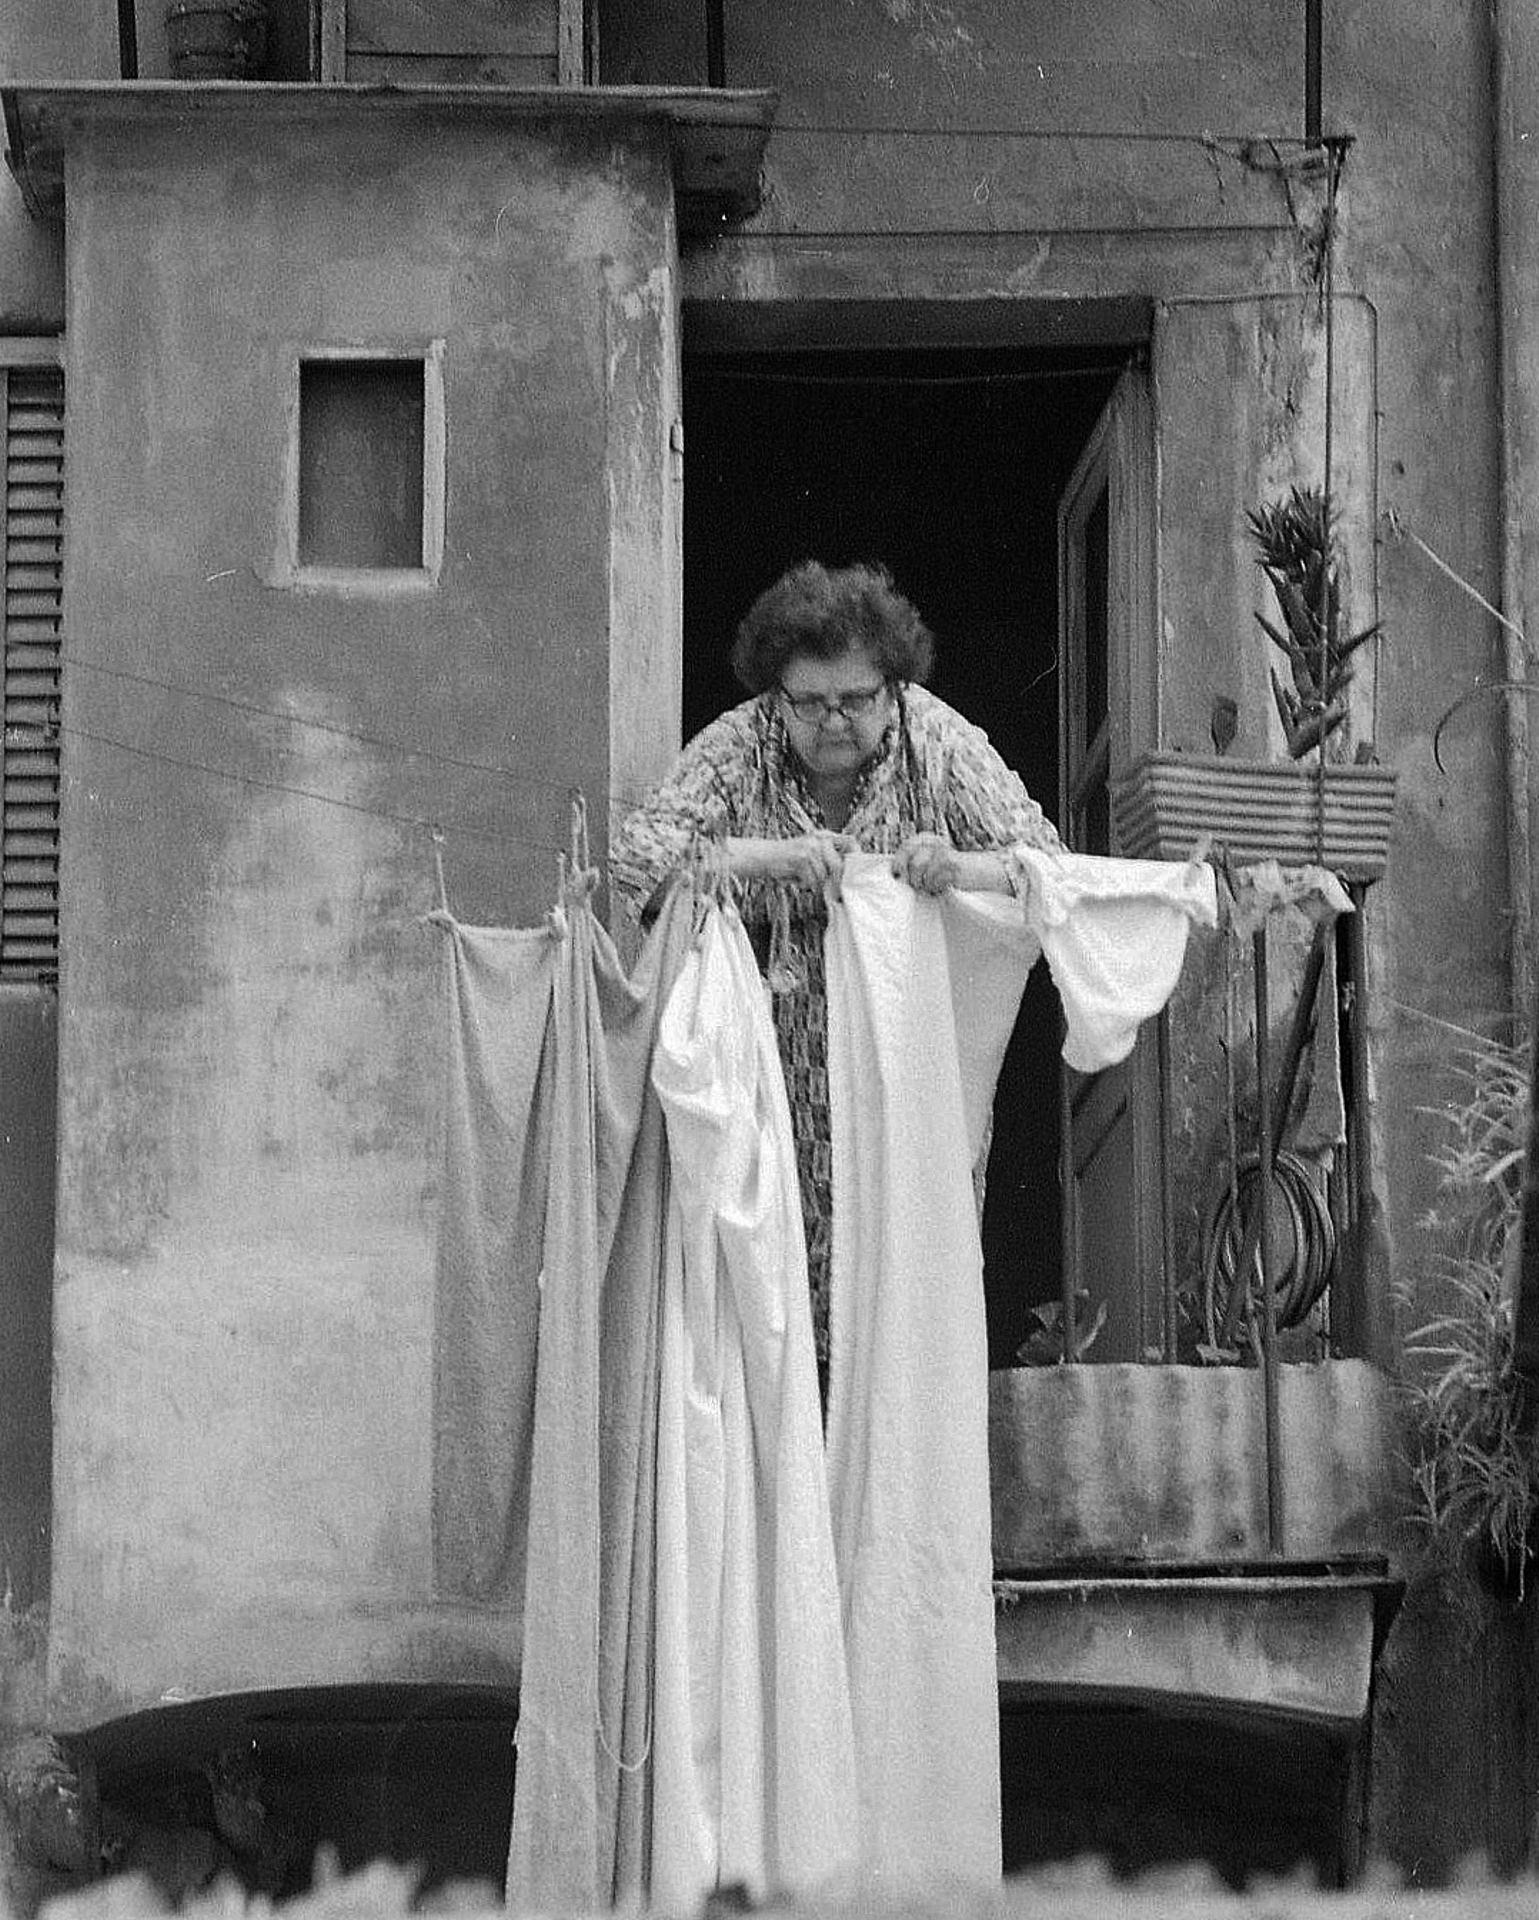 Rome, jour de lessive-argentique